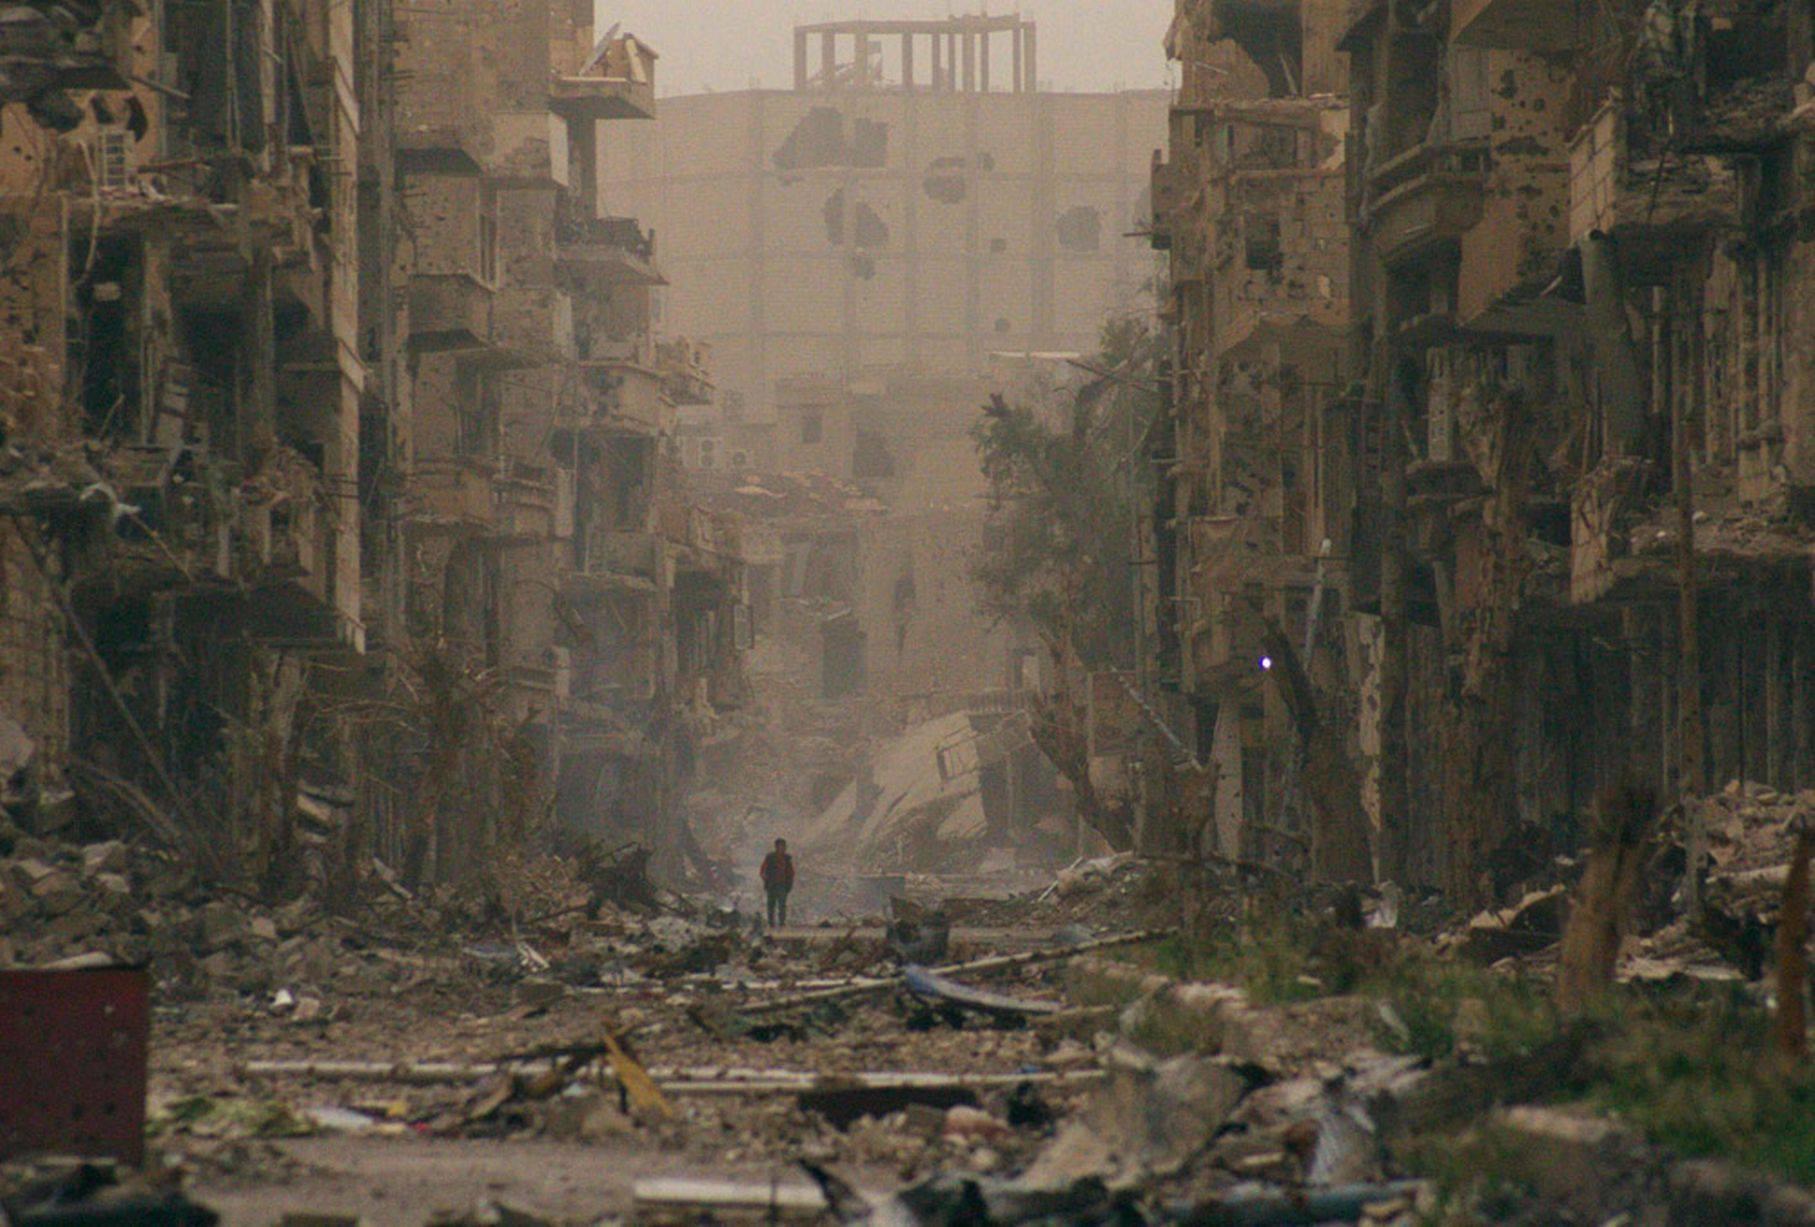 Τόσο αἷμα στὴν Συρία ἐπεὶ δὴ δὲν ἄρεσε ὁ Ἄσαντ...20